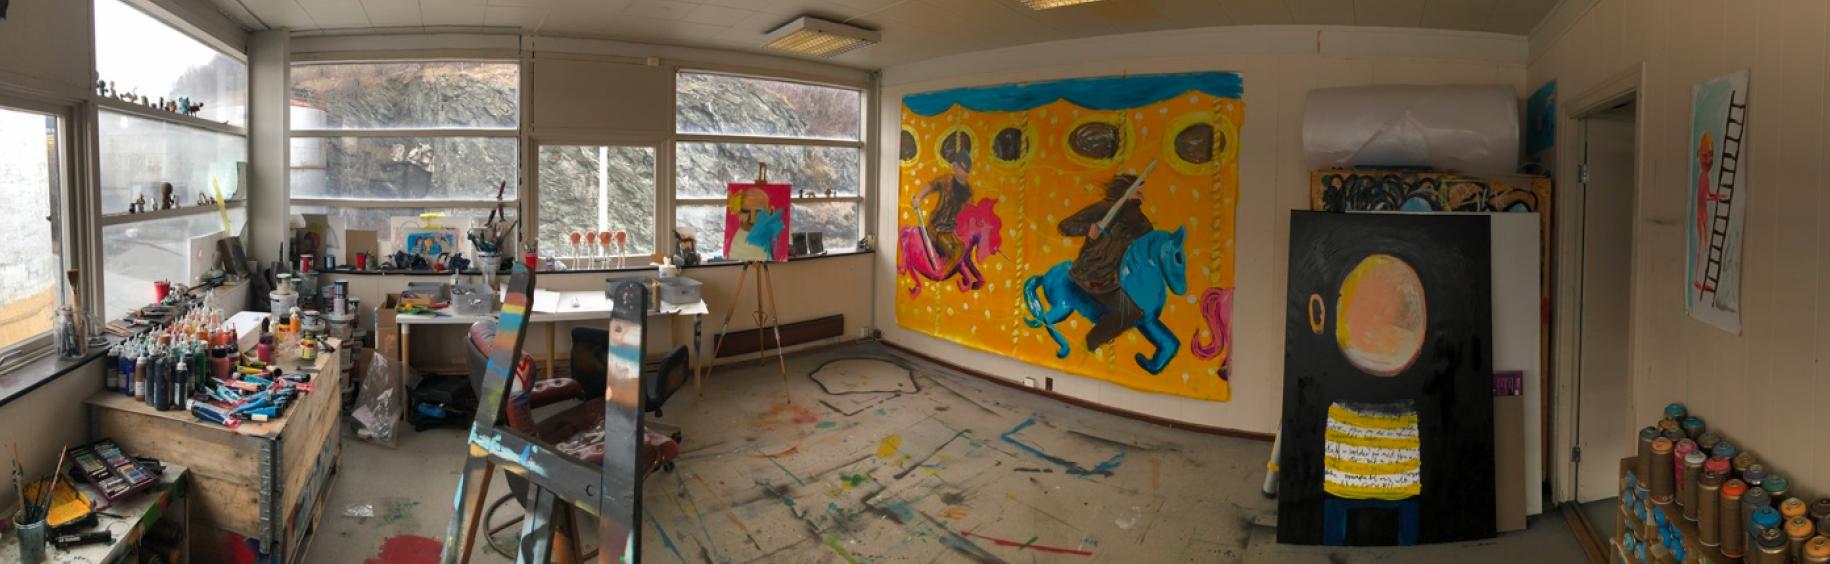 Atelieret en vårdag i 2019.